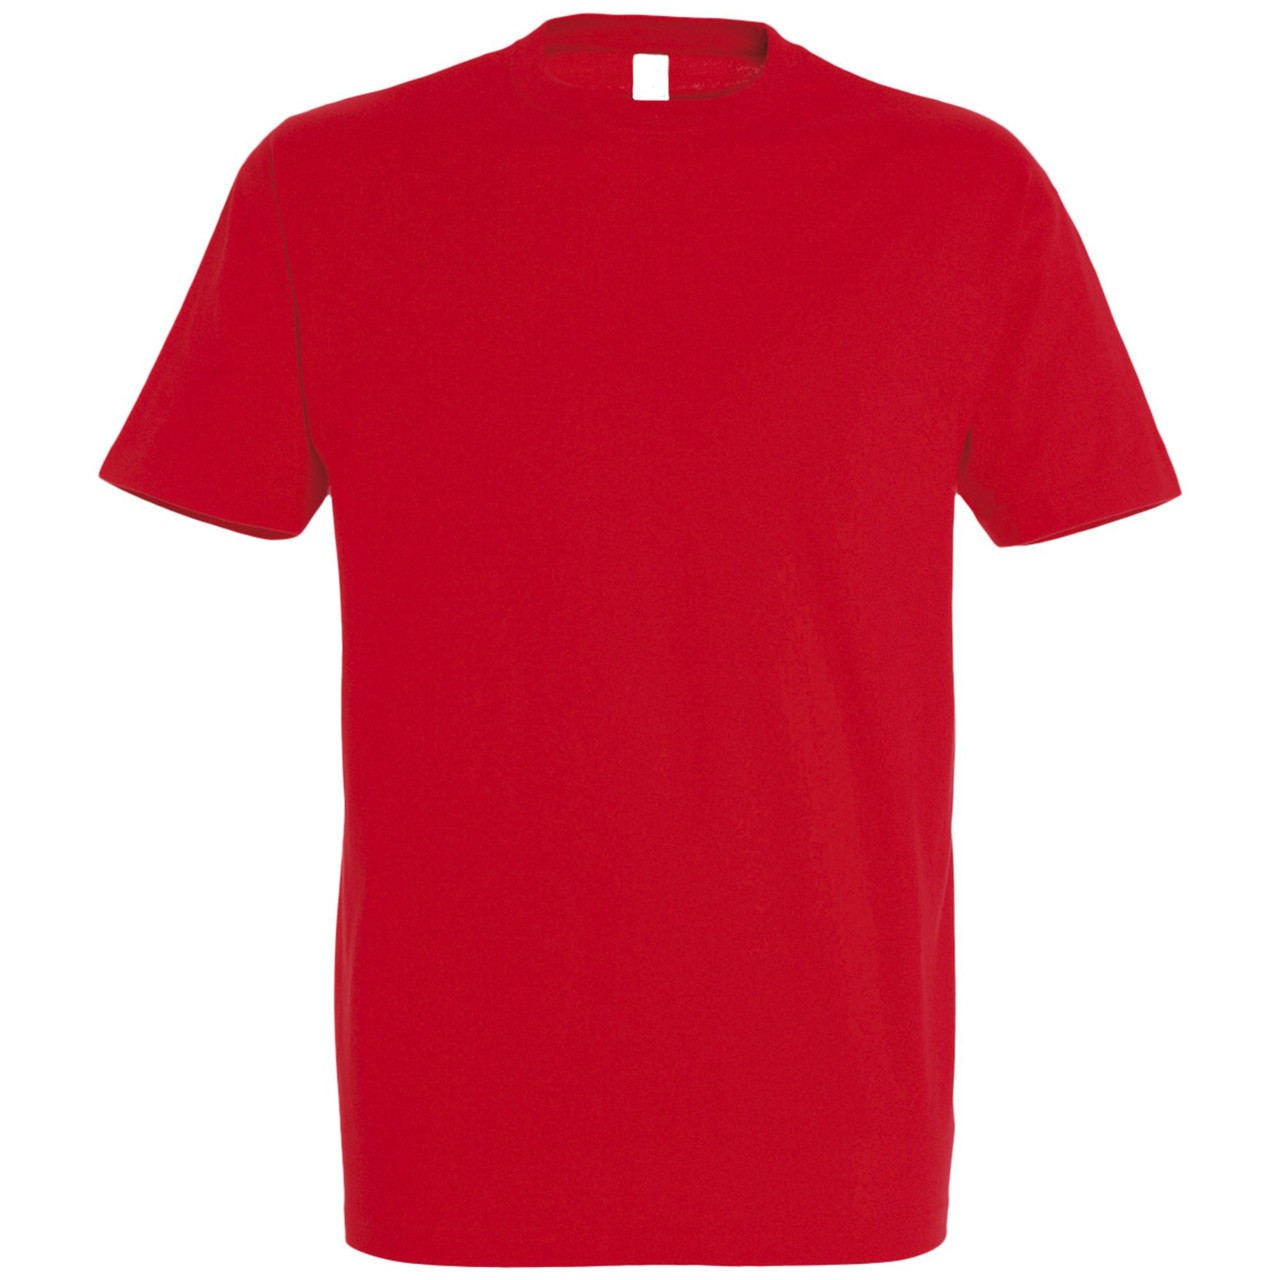 Oднотонная футболка | Красная | 160 гр. | 3XL